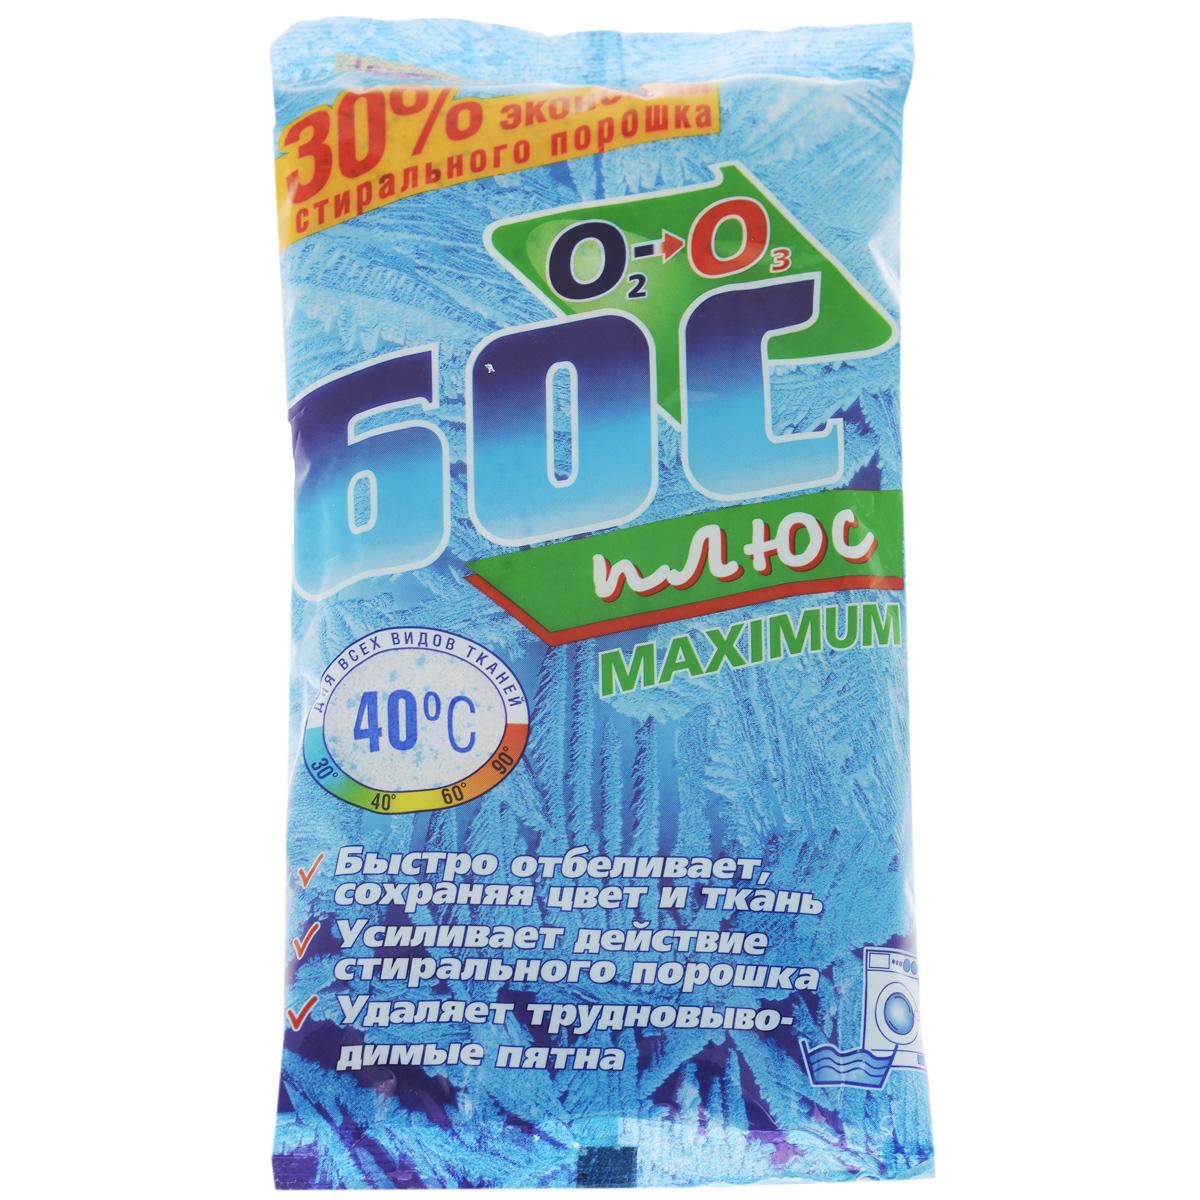 Средство отбеливающее Аист Бос-плюс maximum, 250 г4302000001Средство Аист Бос-плюс maximum предназначено для отбеливания хлопчатобумажных, льняных, смесевых, синтетических тканей, а также дезинфицирования тканей и поверхностей. Усиленная формула с максимальным содержанием кислорода специально разработана для отбеливания без кипячения всех видов тканей при низких температурах (30° - 50°C). Аист Бос-плюс maximum обеспечивает мягкое воздействие на ткань и сохраняет цвет, а вам гарантирует безопасность. Средство Аист Бос-плюс maximum: - удаляет трудновыводимые пятна; - не требует кипячения; - удаляет любые неприятные запахи; - прекрасно действует в сочетании с любым стиральным порошком; - свободен от хлора; - обладает дезинфицирующим действием в отношении кишечной палочки, стафилококка и других видов бактерий. Состав: 30,0% кислородосодержащий отбеливатель. Дополнительно: оптический...